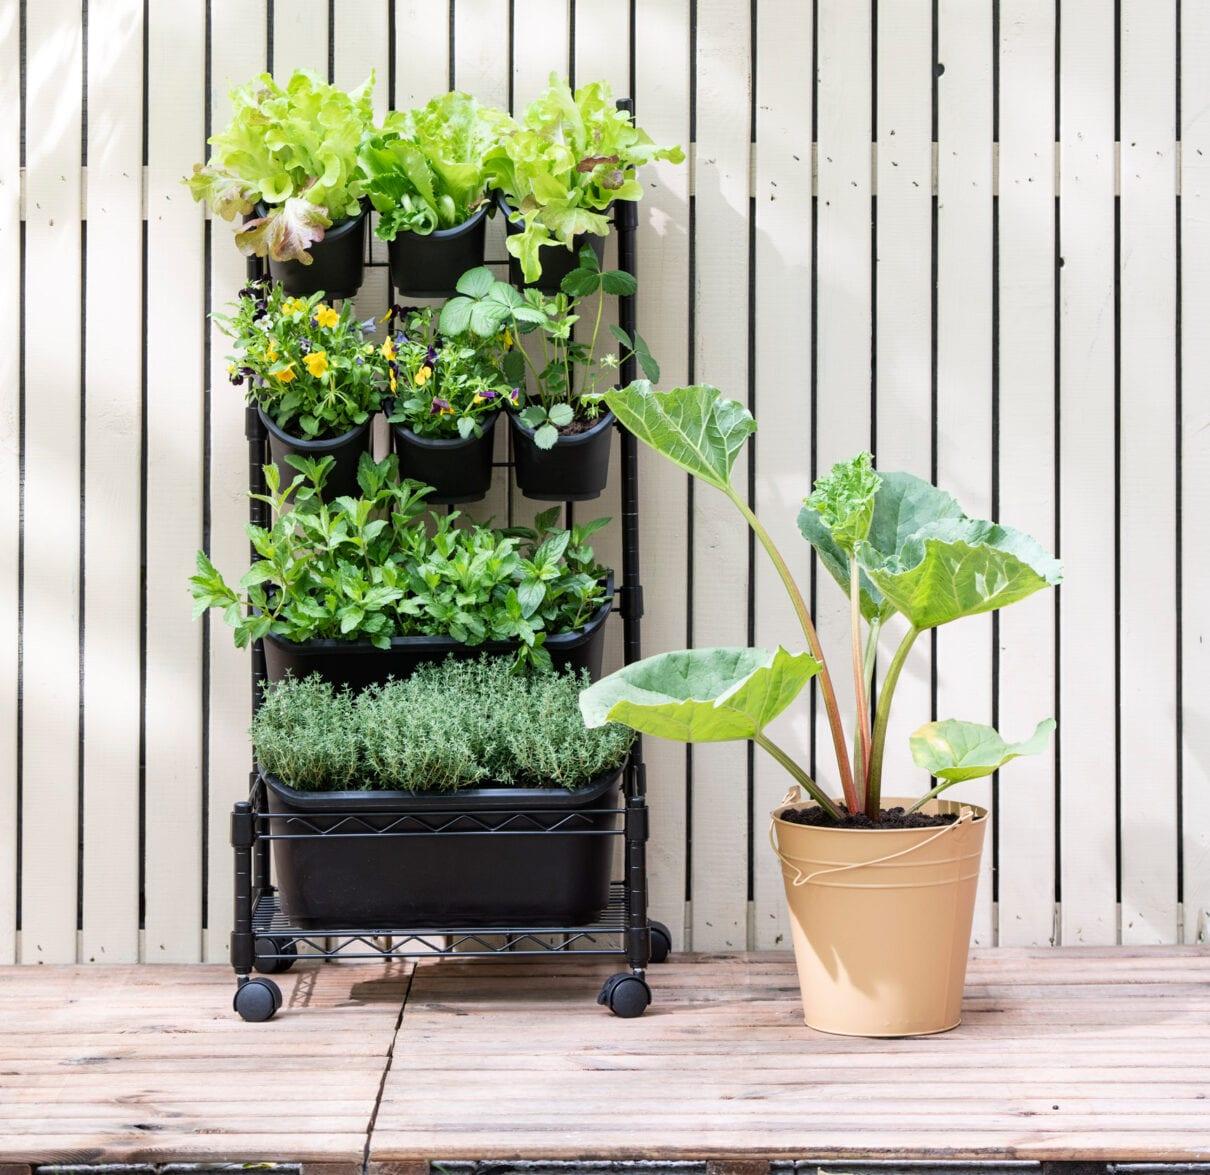 Verticale tuin in verrijdbare plantenbak